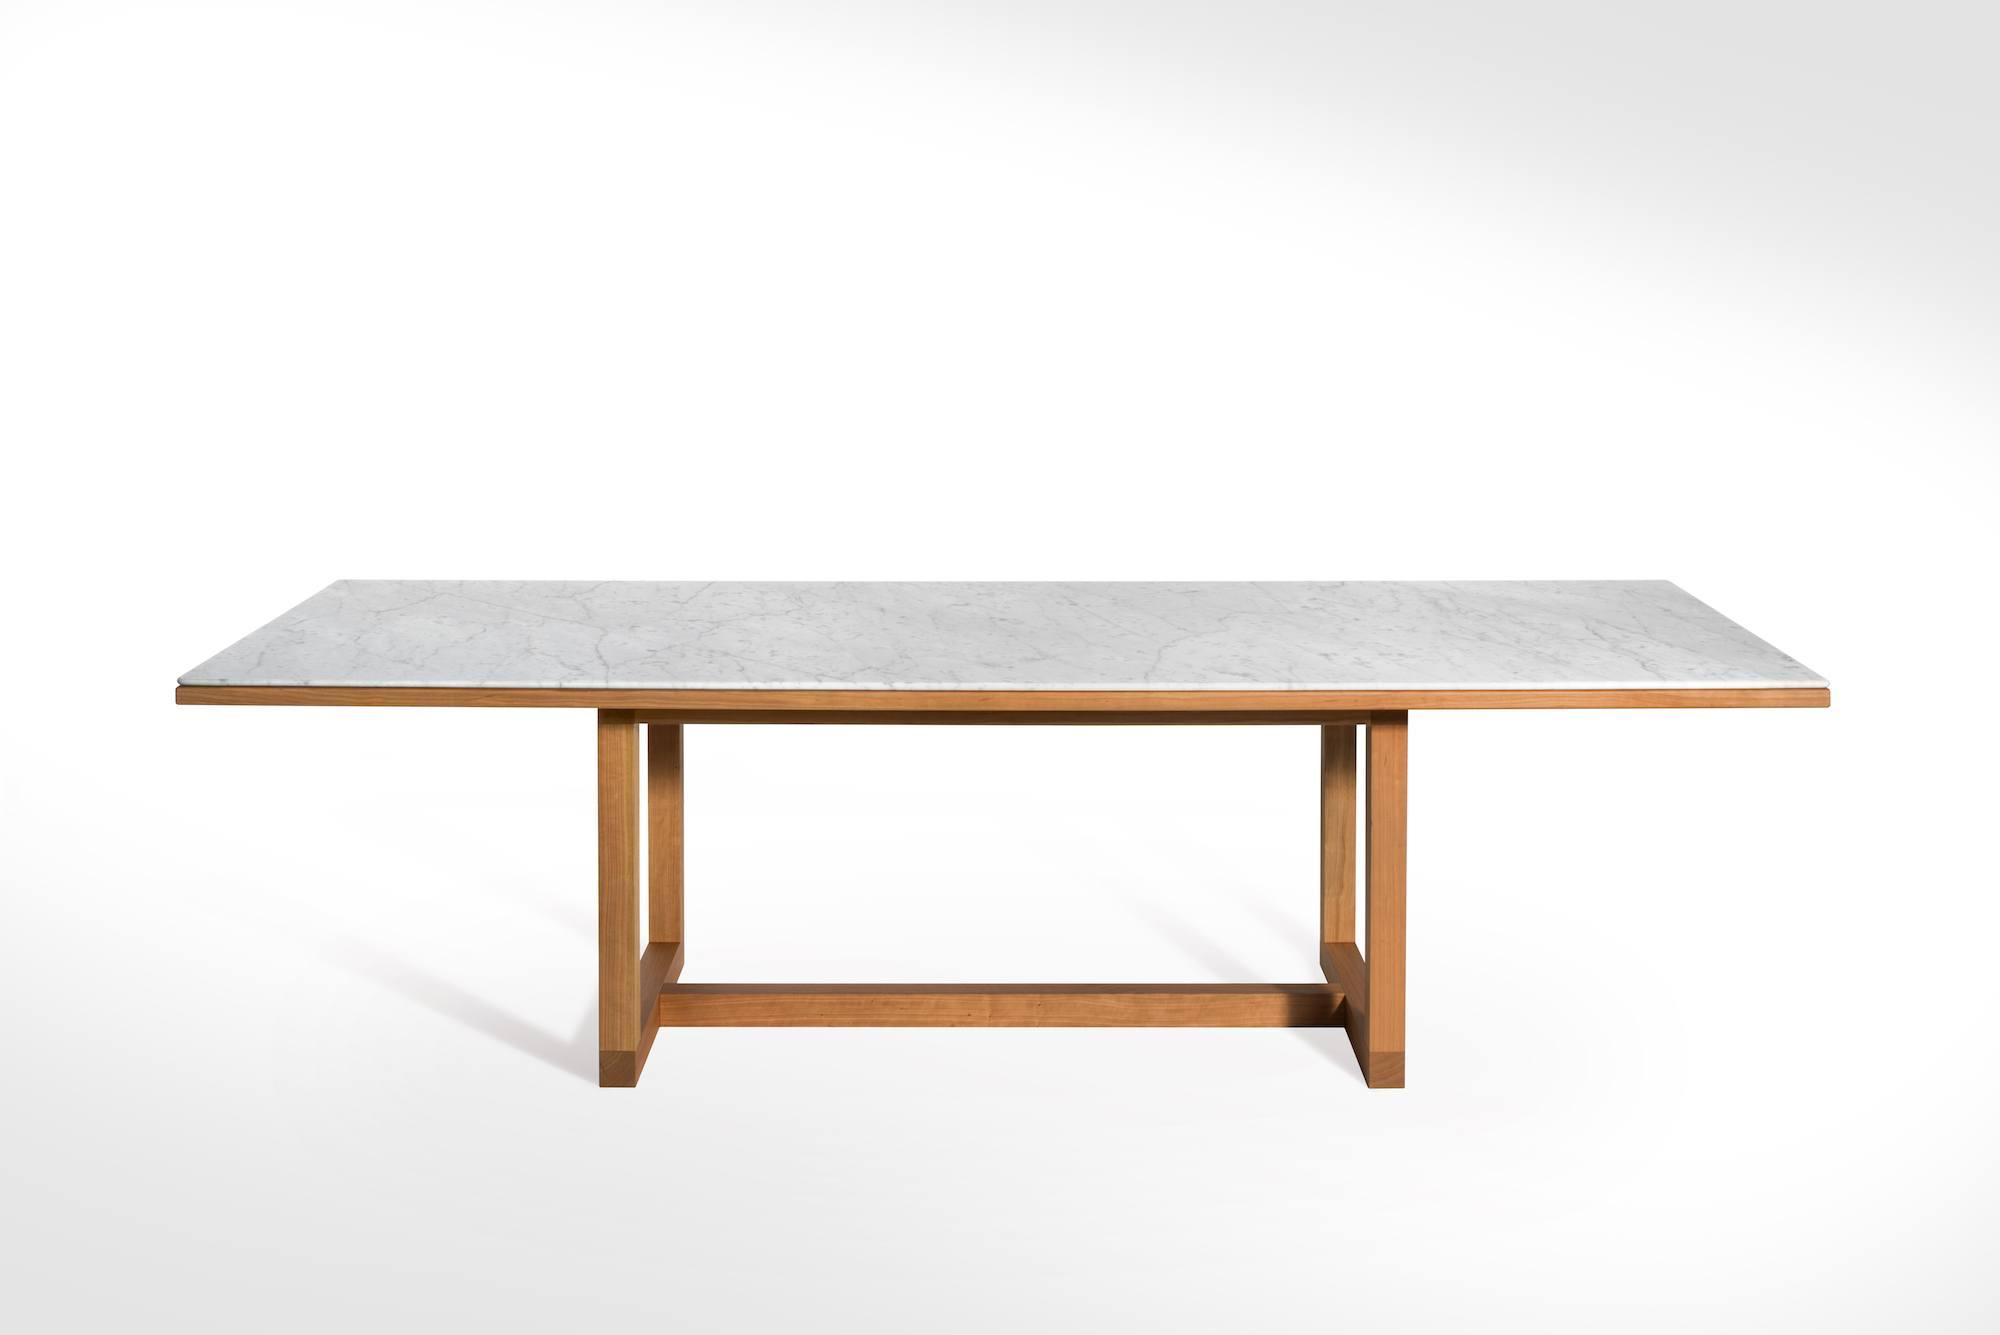 IGNANT-Design-Gabriele-Salvatori-Collaborations-014